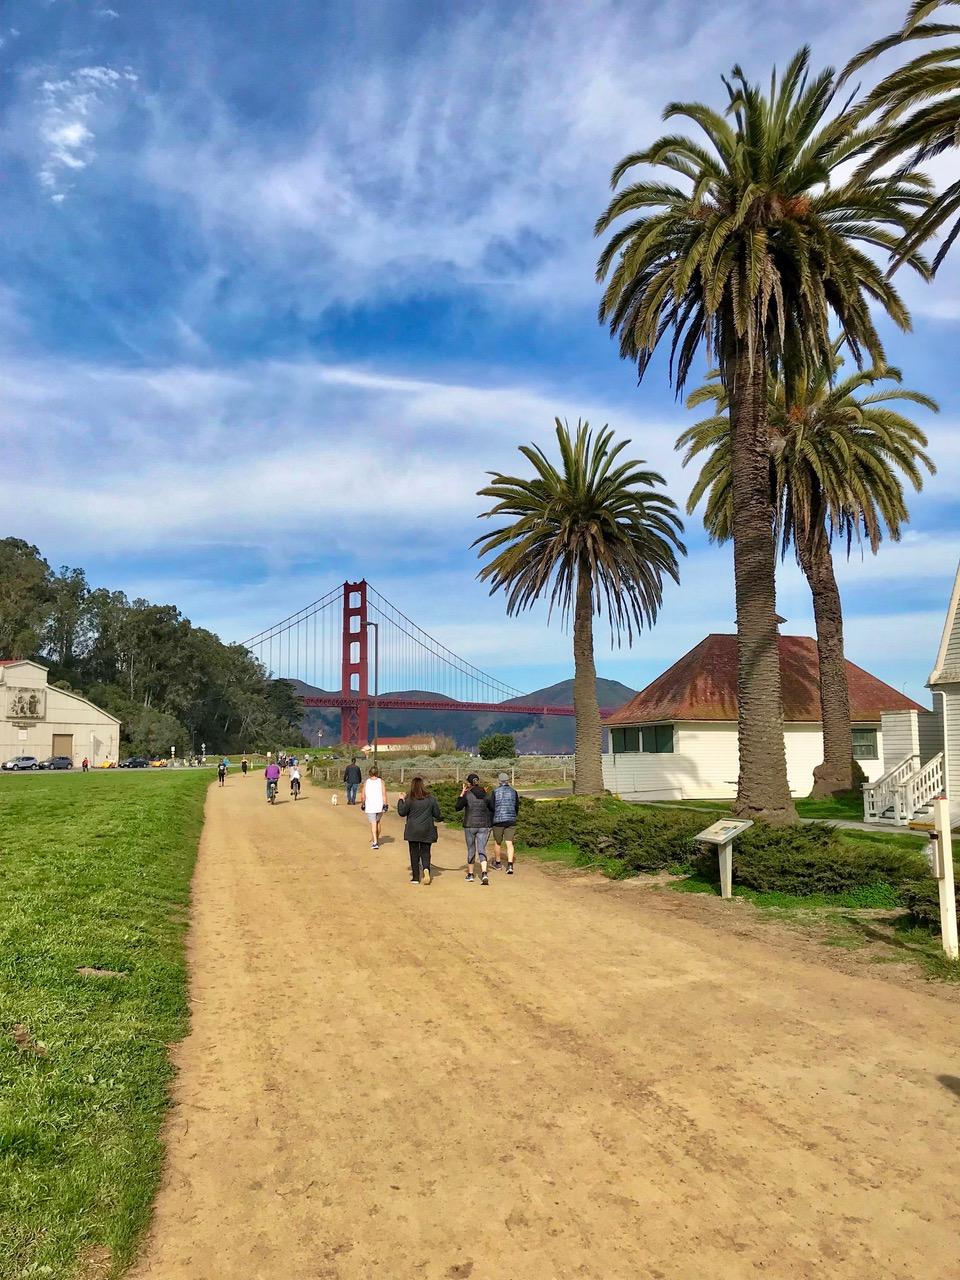 Presidio of San Francisco, California, USA